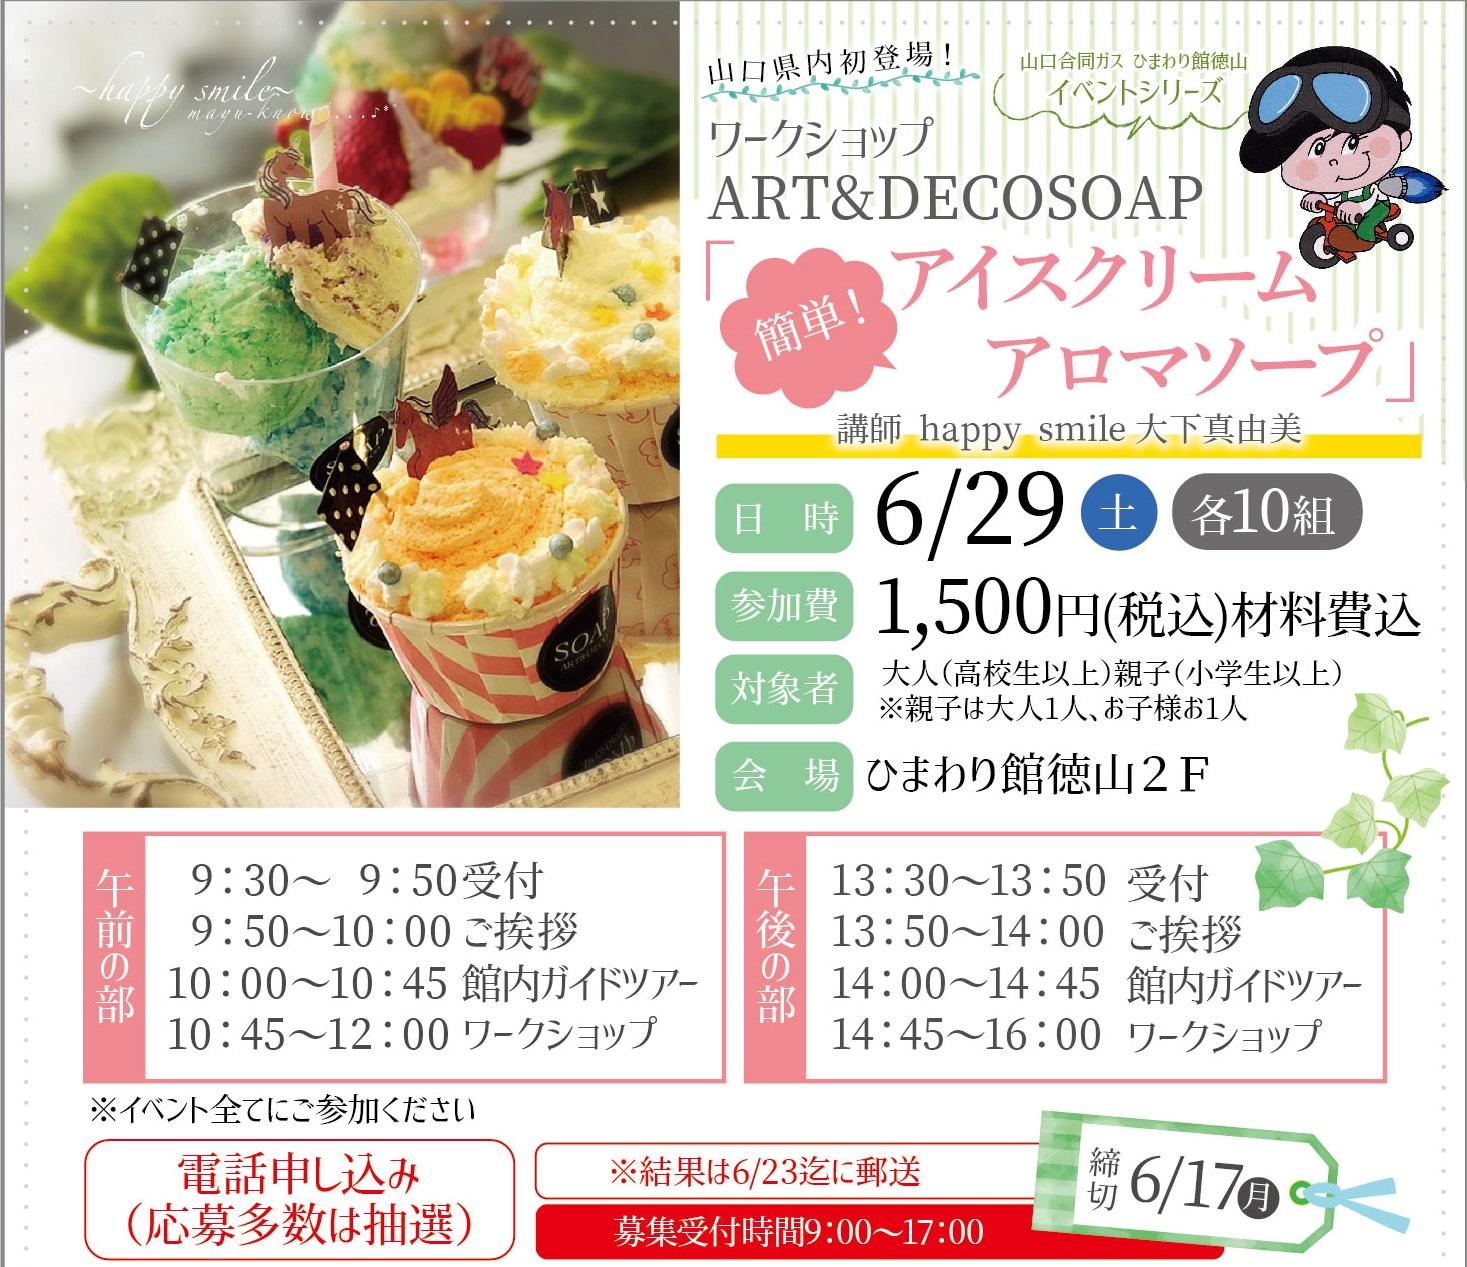 【6月29日(土)】 アイスクリームアロマソープ教室(ART&DECOSOAP) イメージ